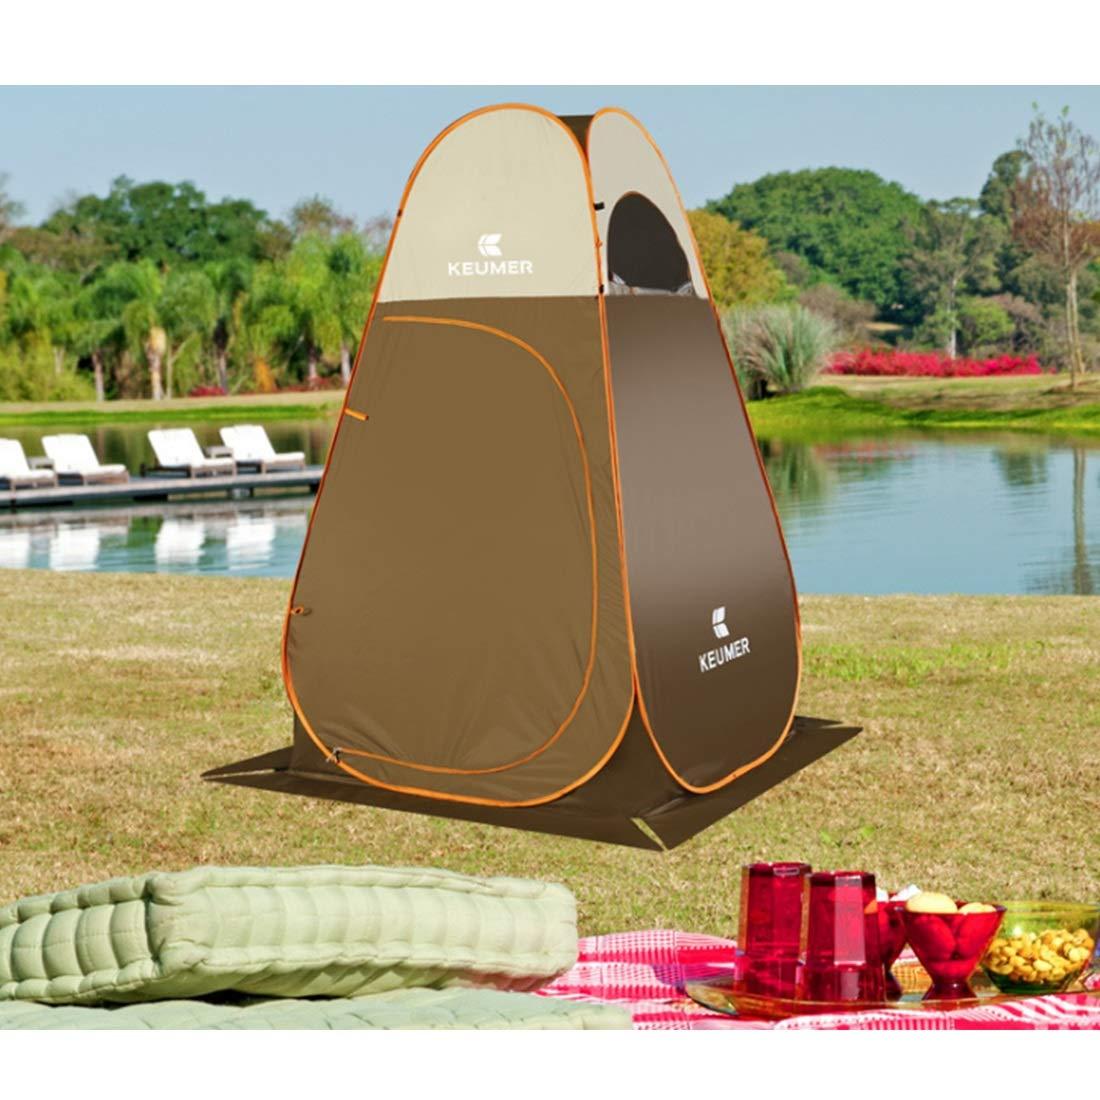 Klerokoh Zelt für 1 Person für Camping Camping Camping im Freien (Farbe   Lake Blau) B07KXGLG3B Zelte Viele Stile 1e067d